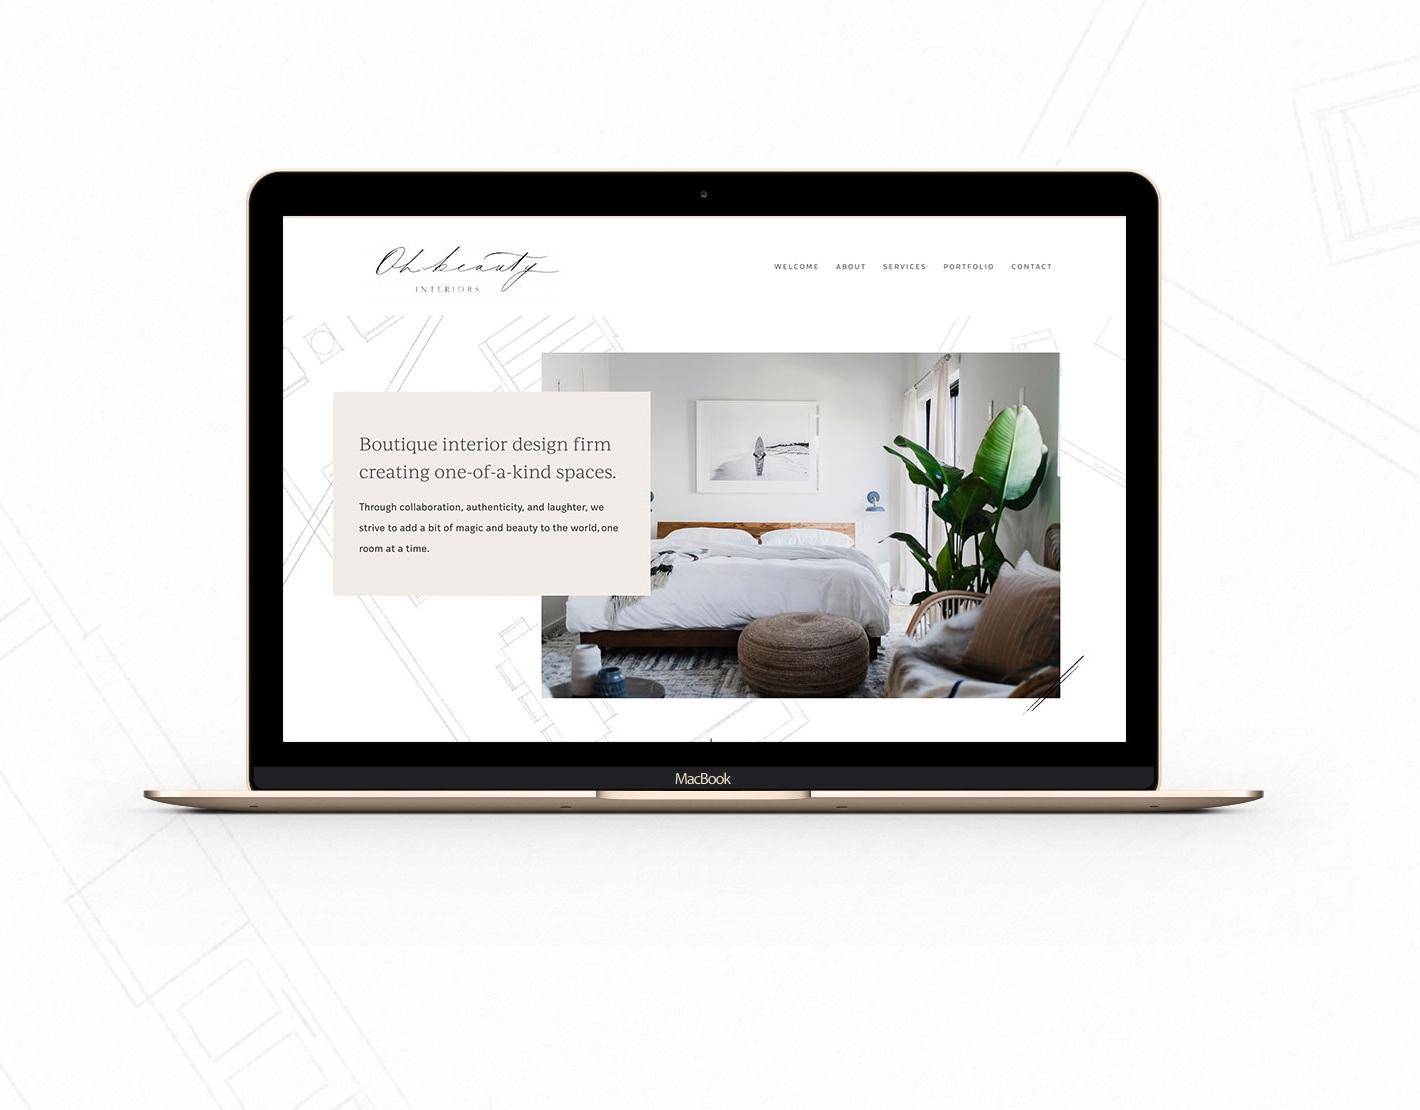 OBI-Website_Imac-mockup.jpg